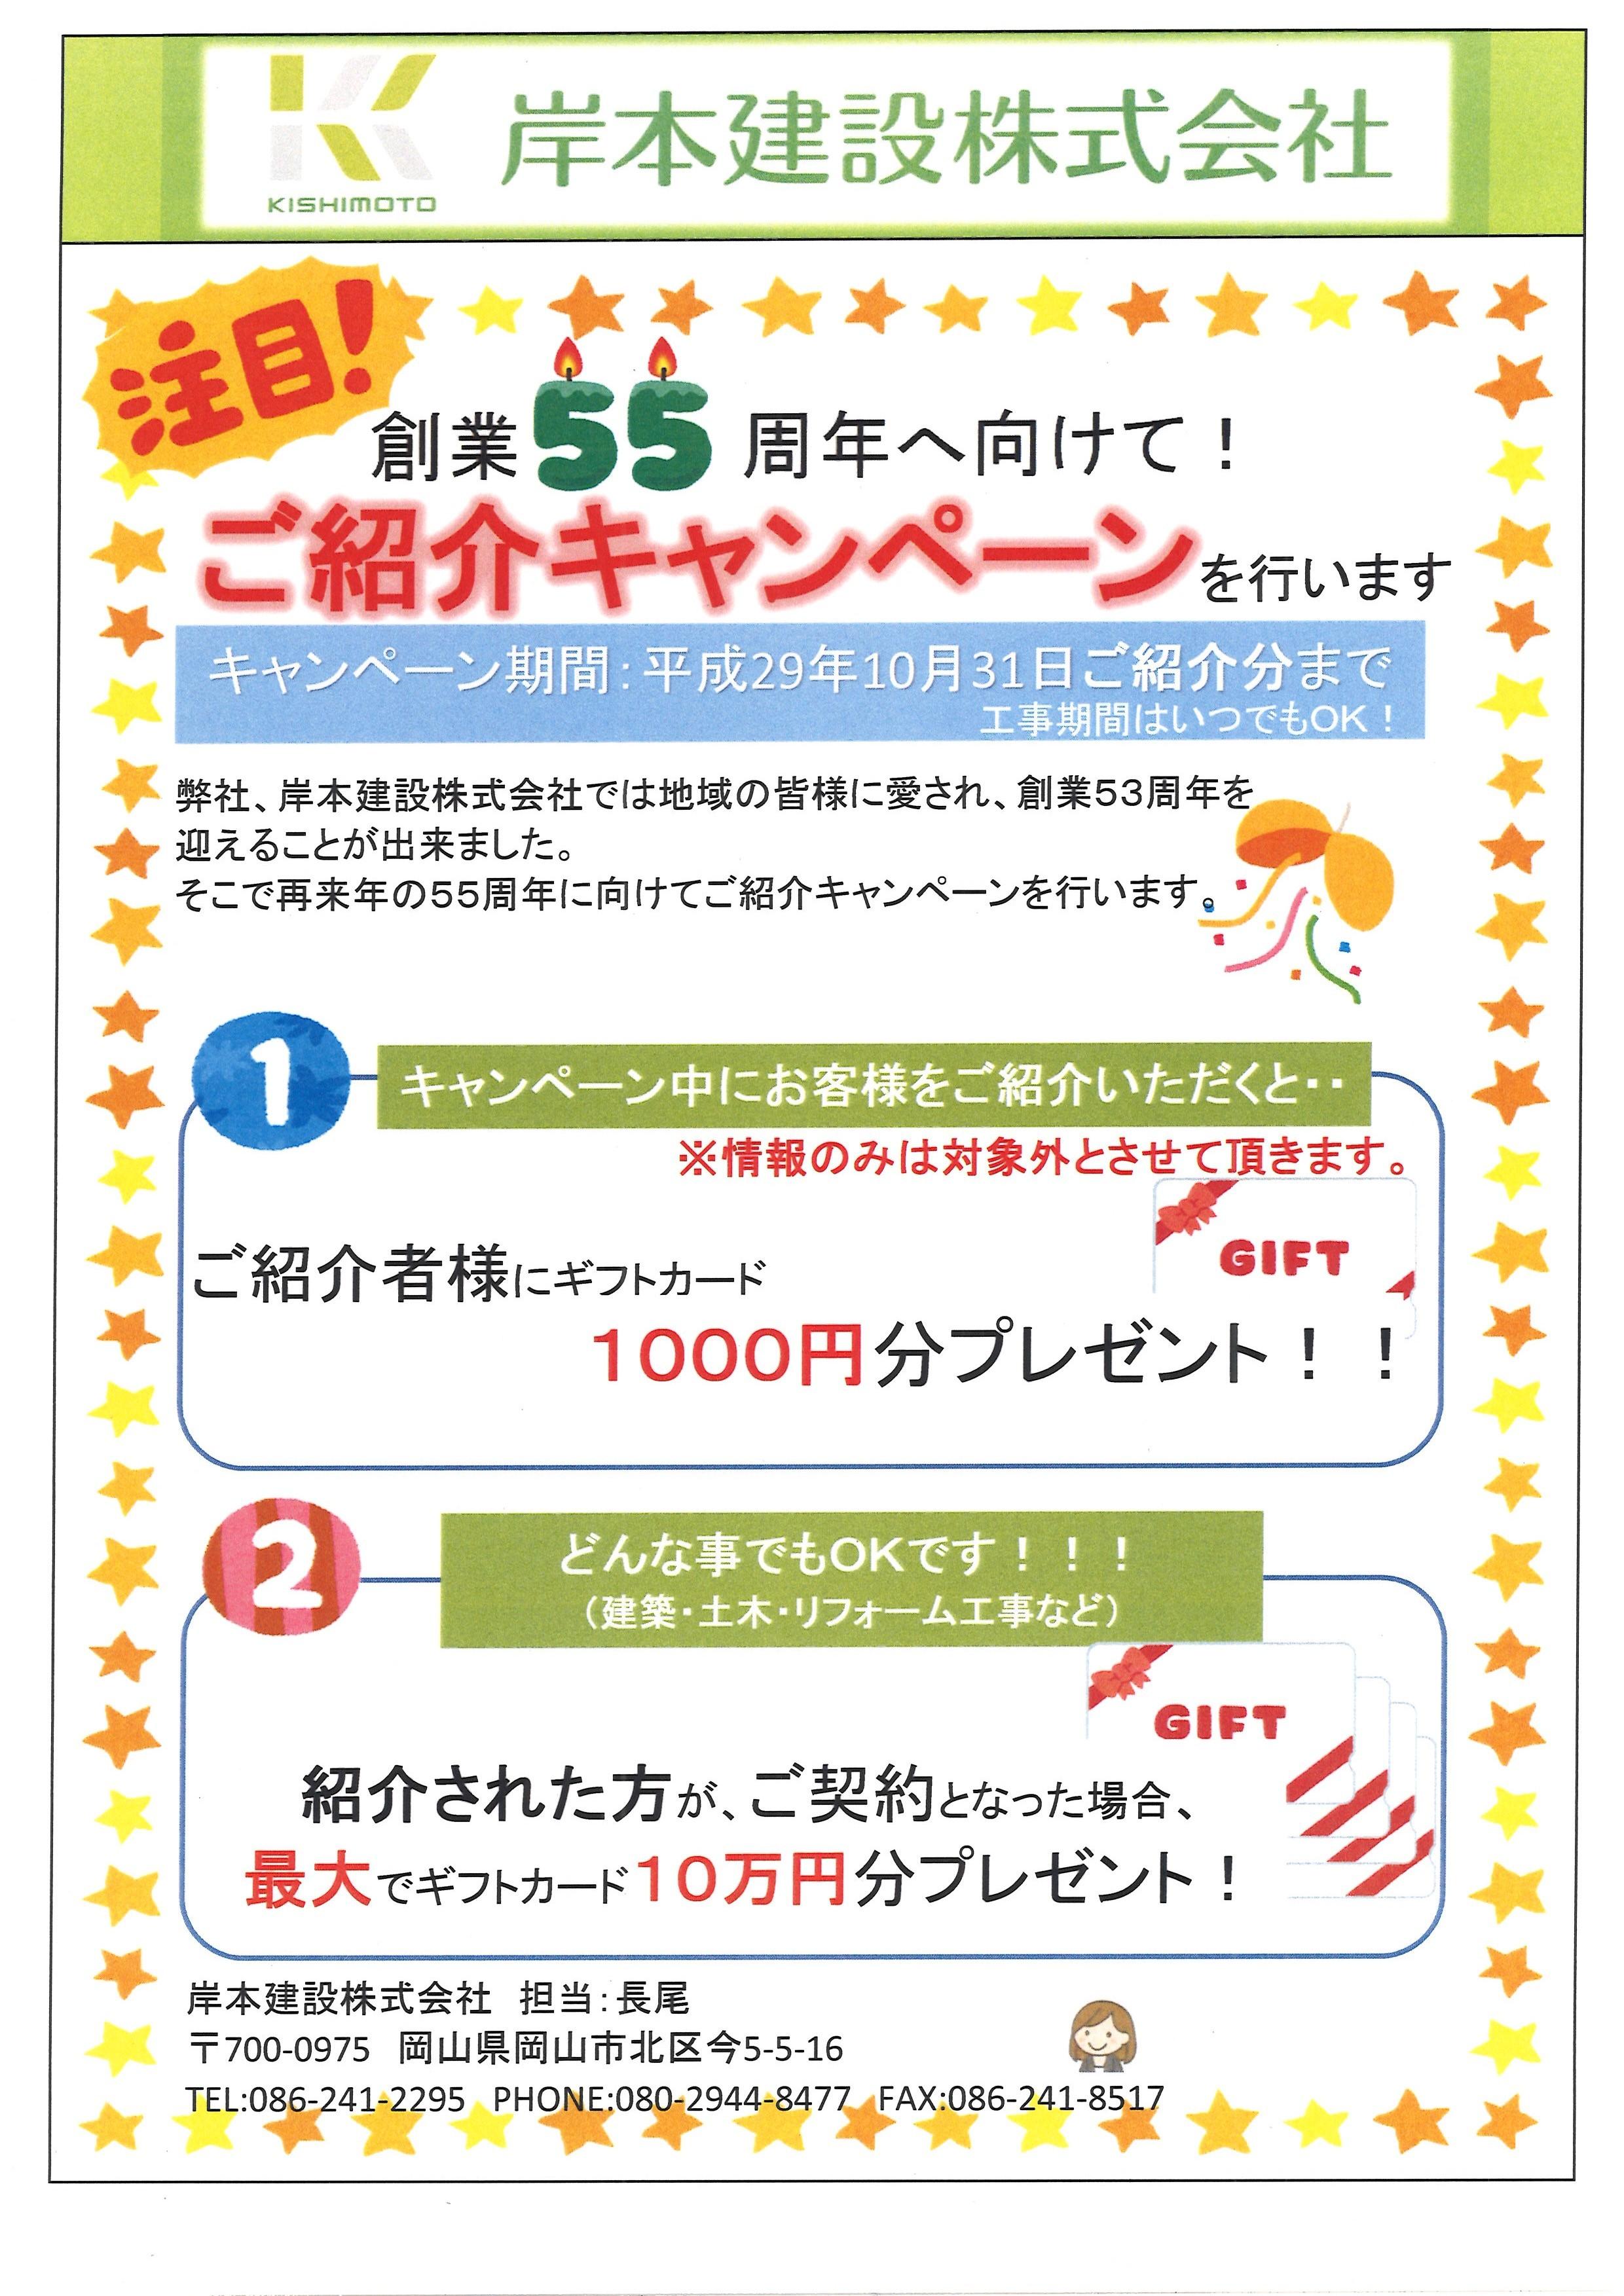 20170819160034_00001.jpg